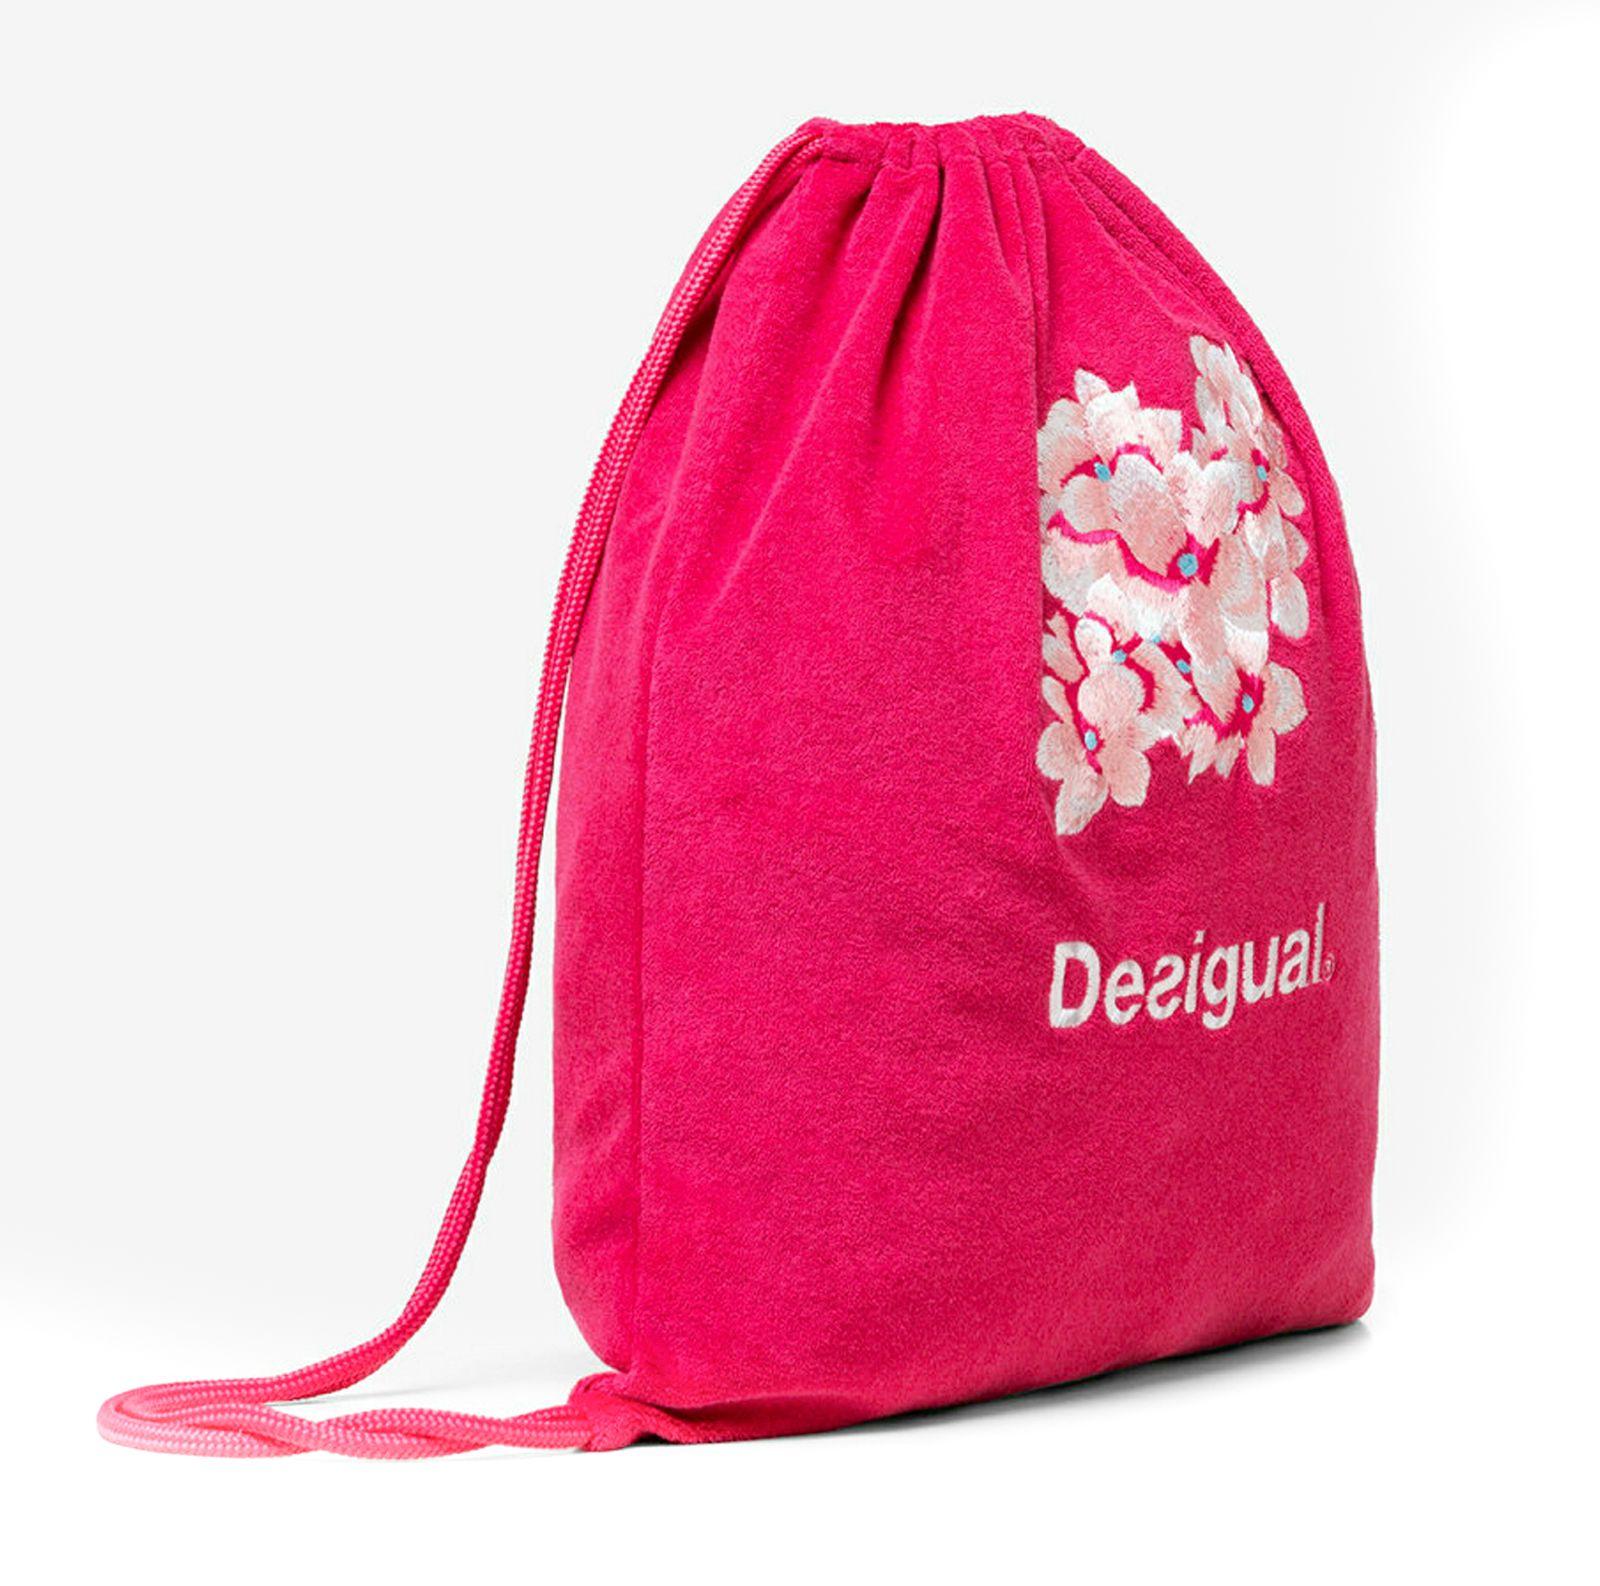 ... ÜberweisungTap To CloseDesigual Hindi Dancer Gym Sack Poppy CoralTap To  CloseNur möglich bei sofortigem Zahlungseingang mit Paypal 24261eb737ea4